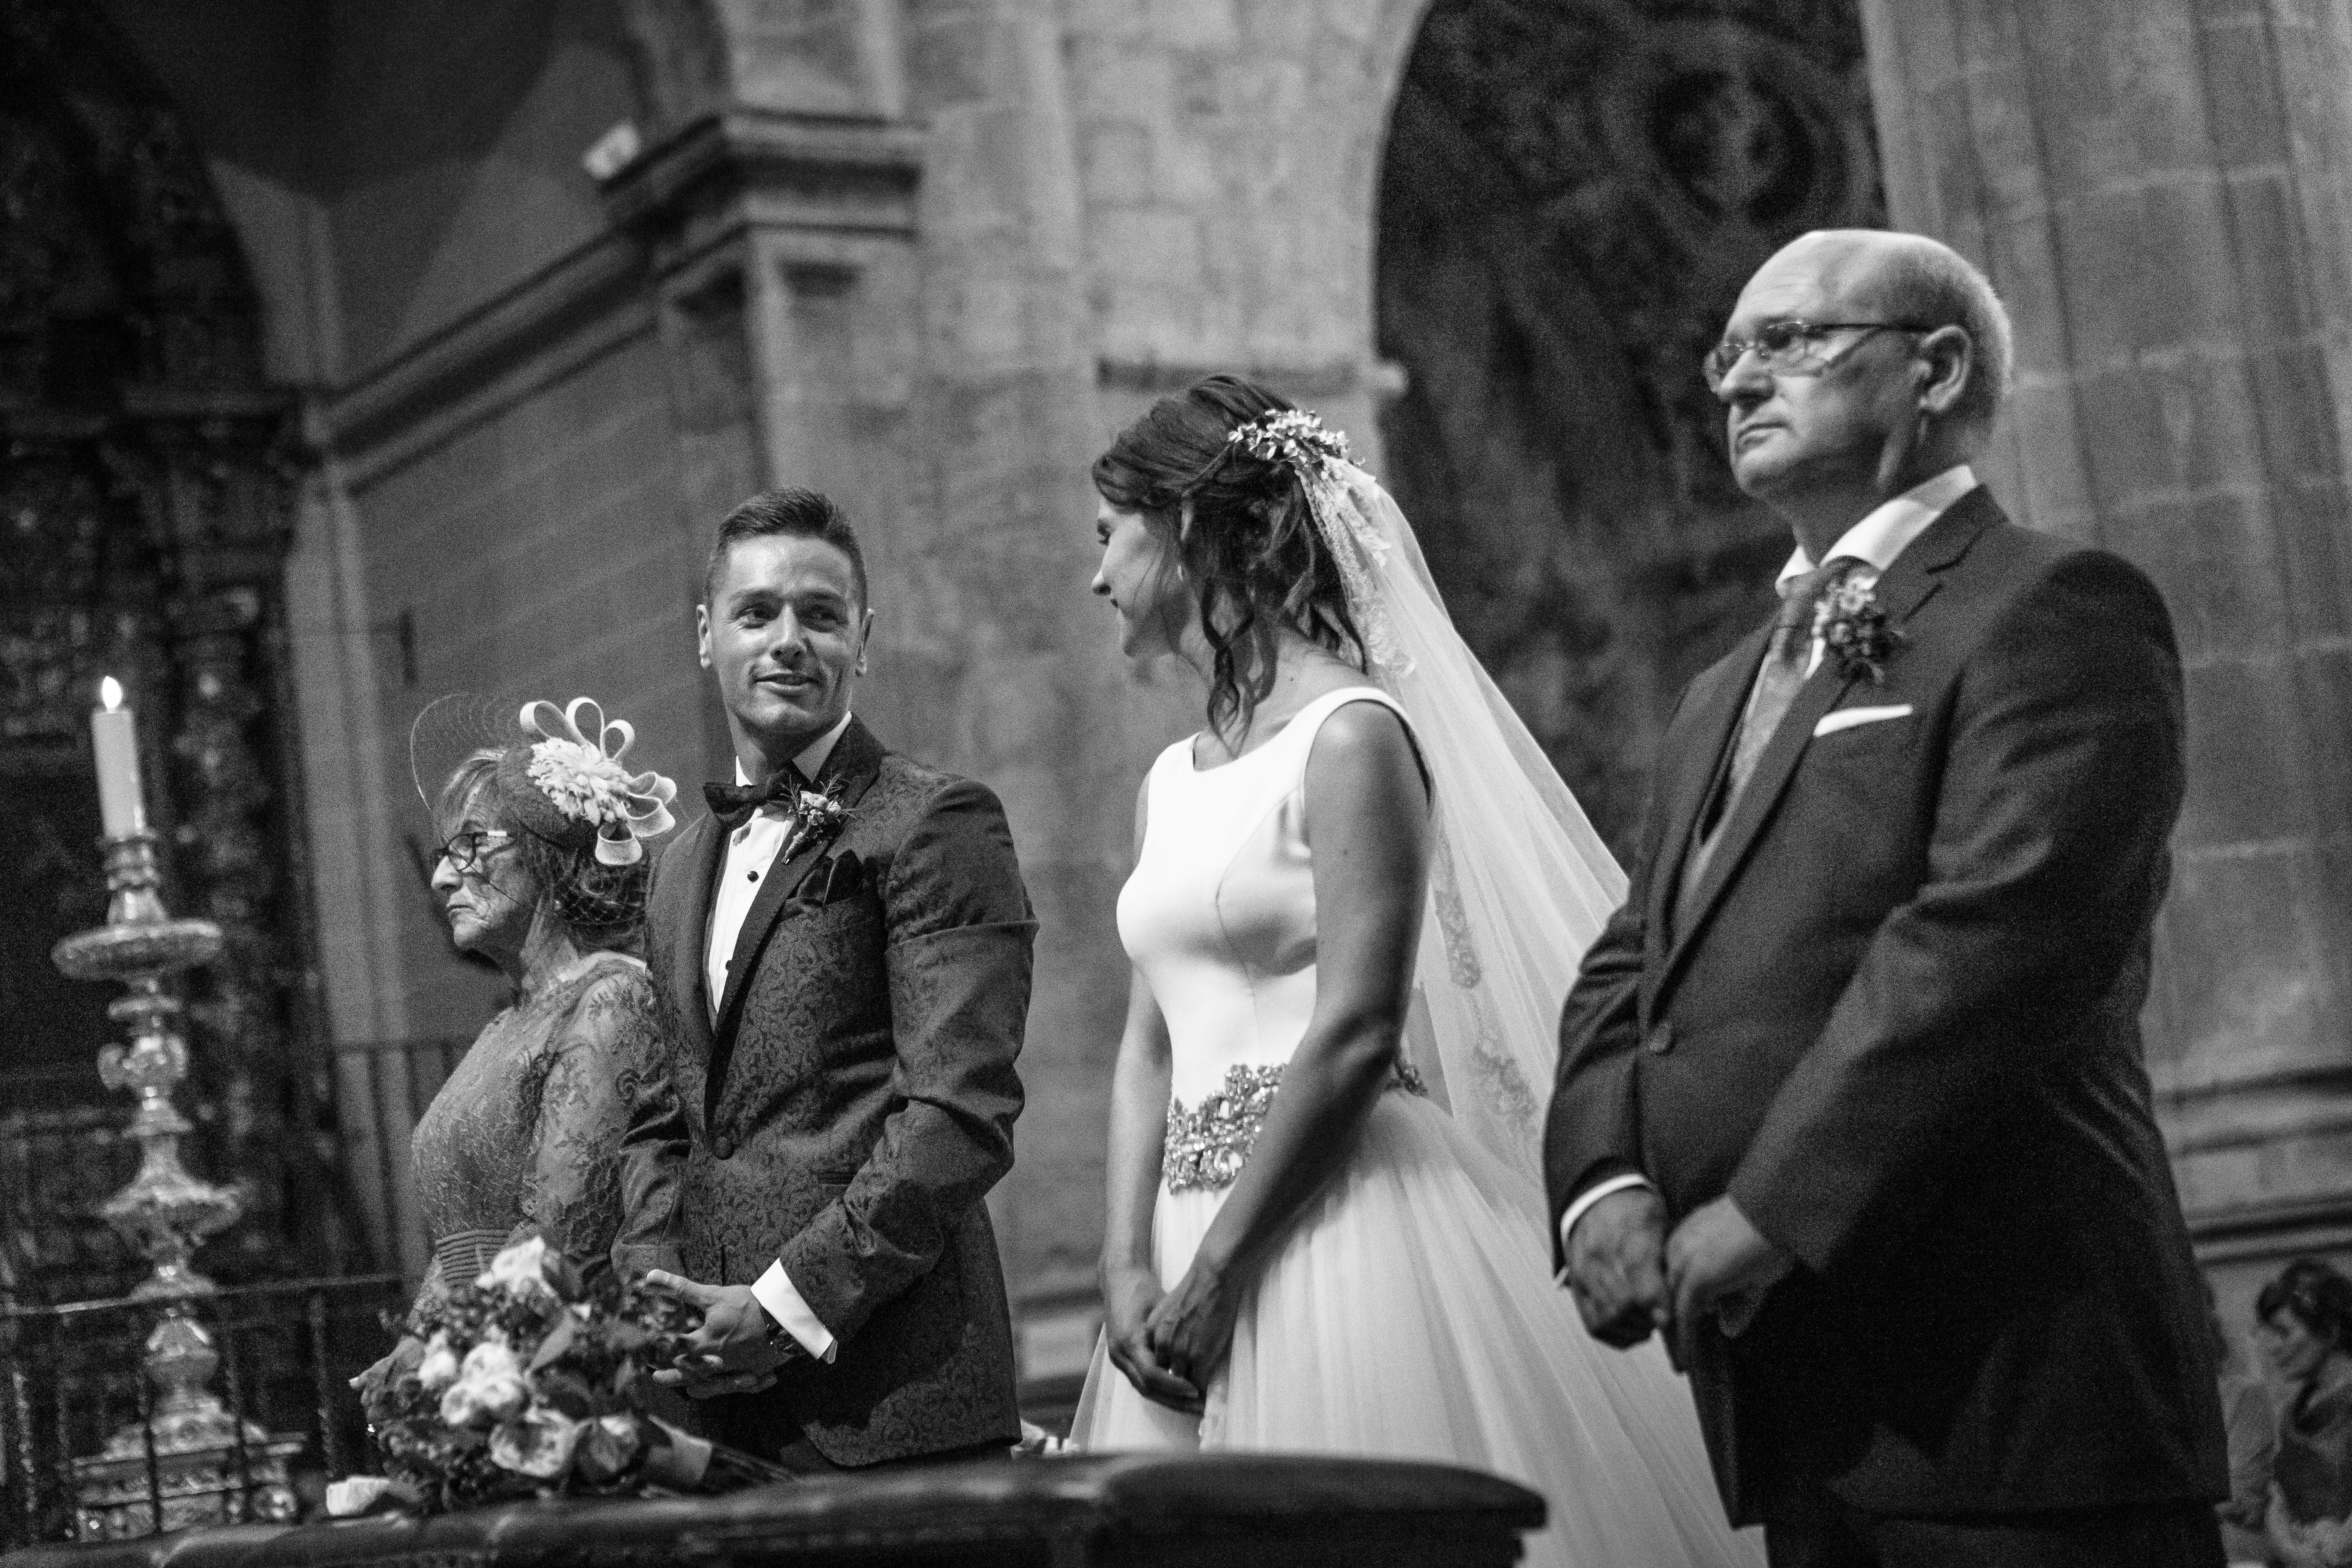 mandarina wedding, fotografos de boda, fotoperiodismo de boda, mejores fotografos de boda, bodas soria, bodas pirineo, bodas Madrid, fotógrafo daroca_31